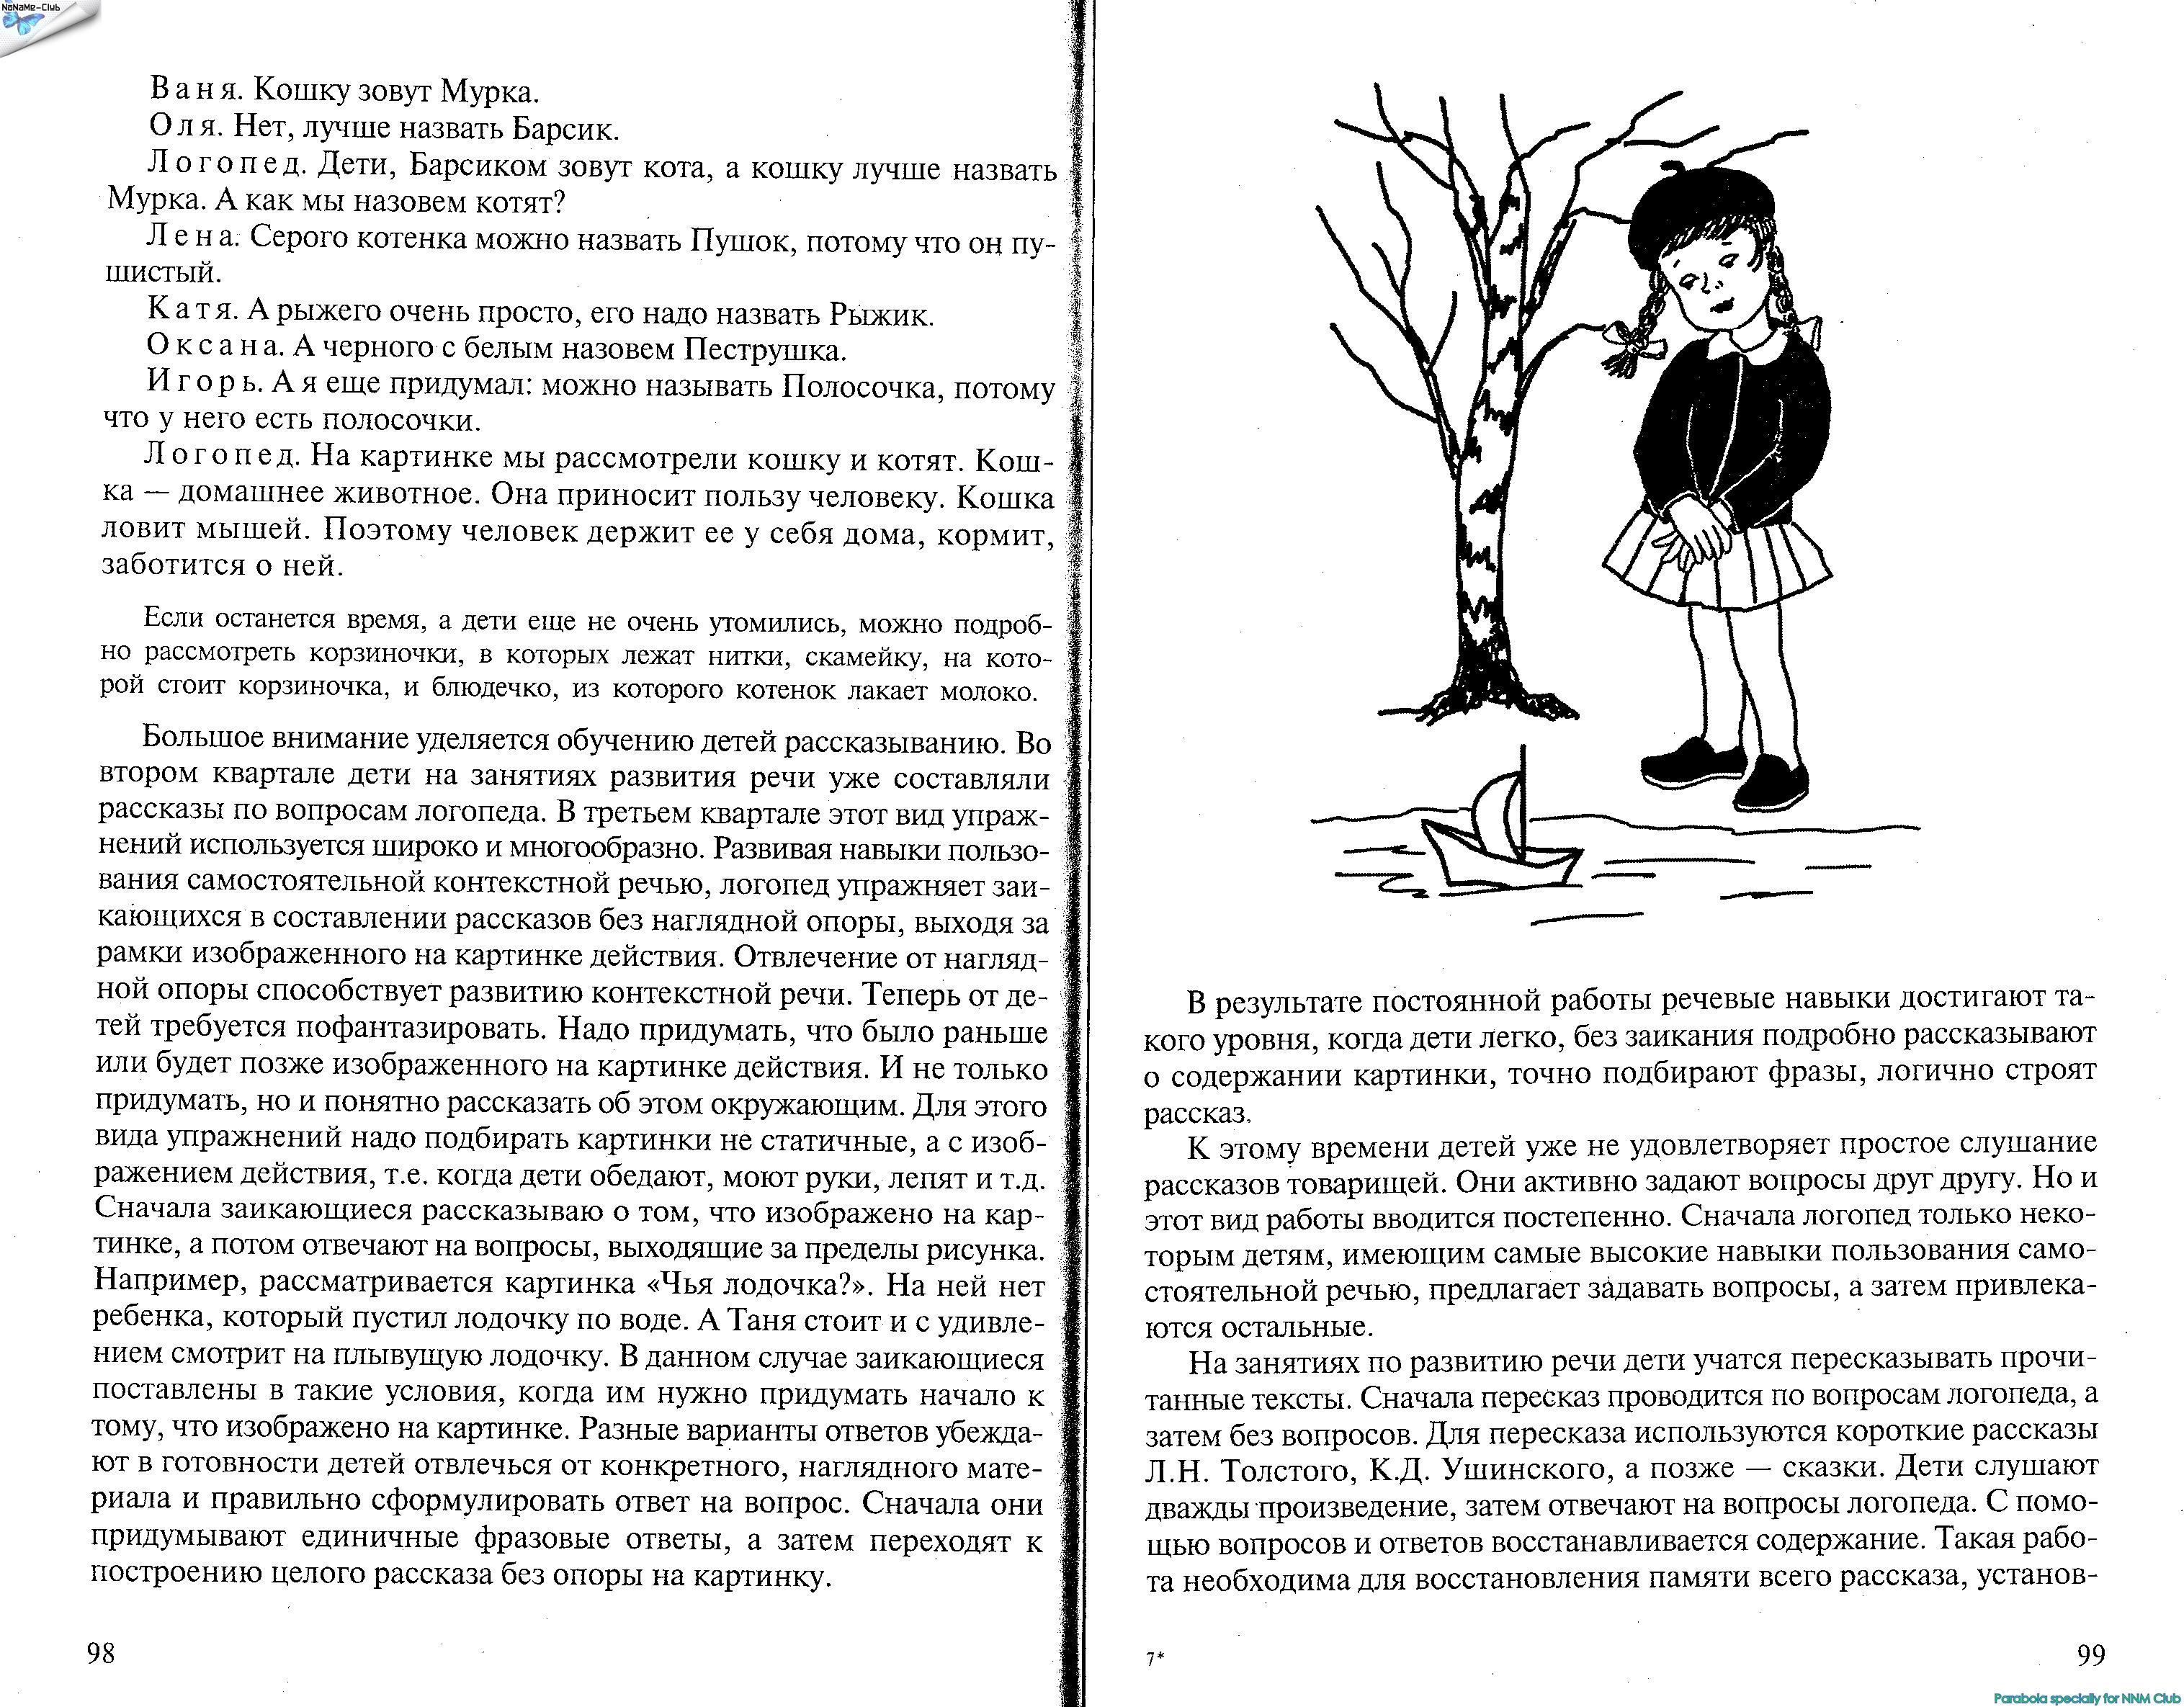 Репрезентация русской ментальности в сказах П.П. Бажова(Автореферат)